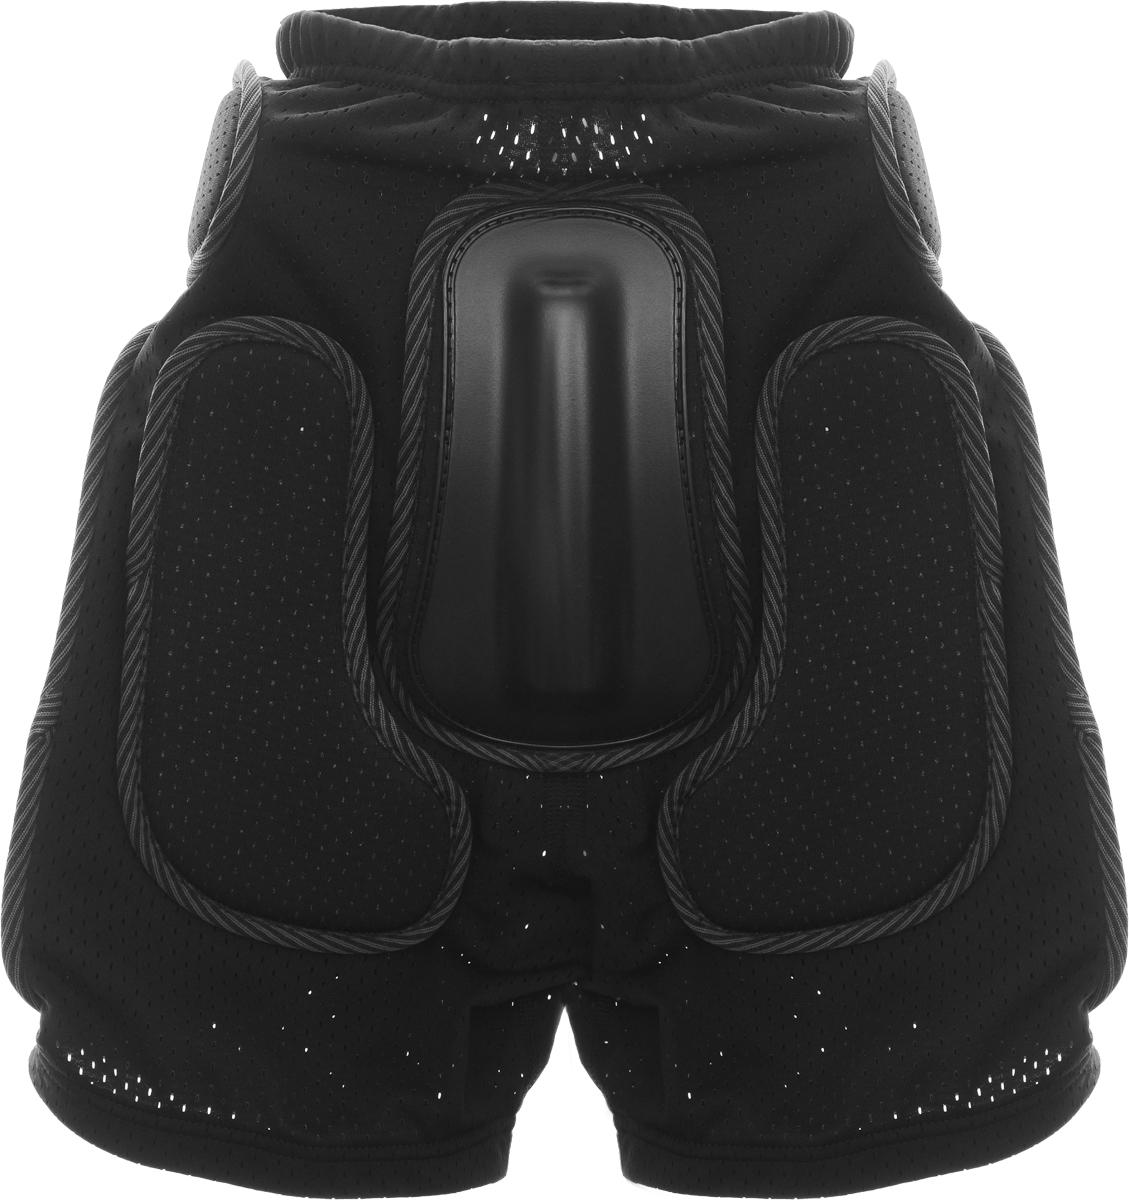 Шорты защитные Biont Комфорт, цвет: черный, размер M0250Защитные шорты Biont Комфорт - это необходимая часть снаряжения сноубордистов, любителей экстремального катания на роликах, байкеров, фанатов зимнего кайтинга. Шорты изготовлены из мягкой эластичной потовыводящей сетки с хорошей воздухопроницаемостью под накладками без остаточной деформации. Для обеспечения улучшенной вентиляции в шортах используется дышащая сетка спейсер. Комфортные защитные шорты Biont Комфорт идеальный выбор для любителей экстремального спорта. Толщина пластиковых накладок: 8-12 мм.